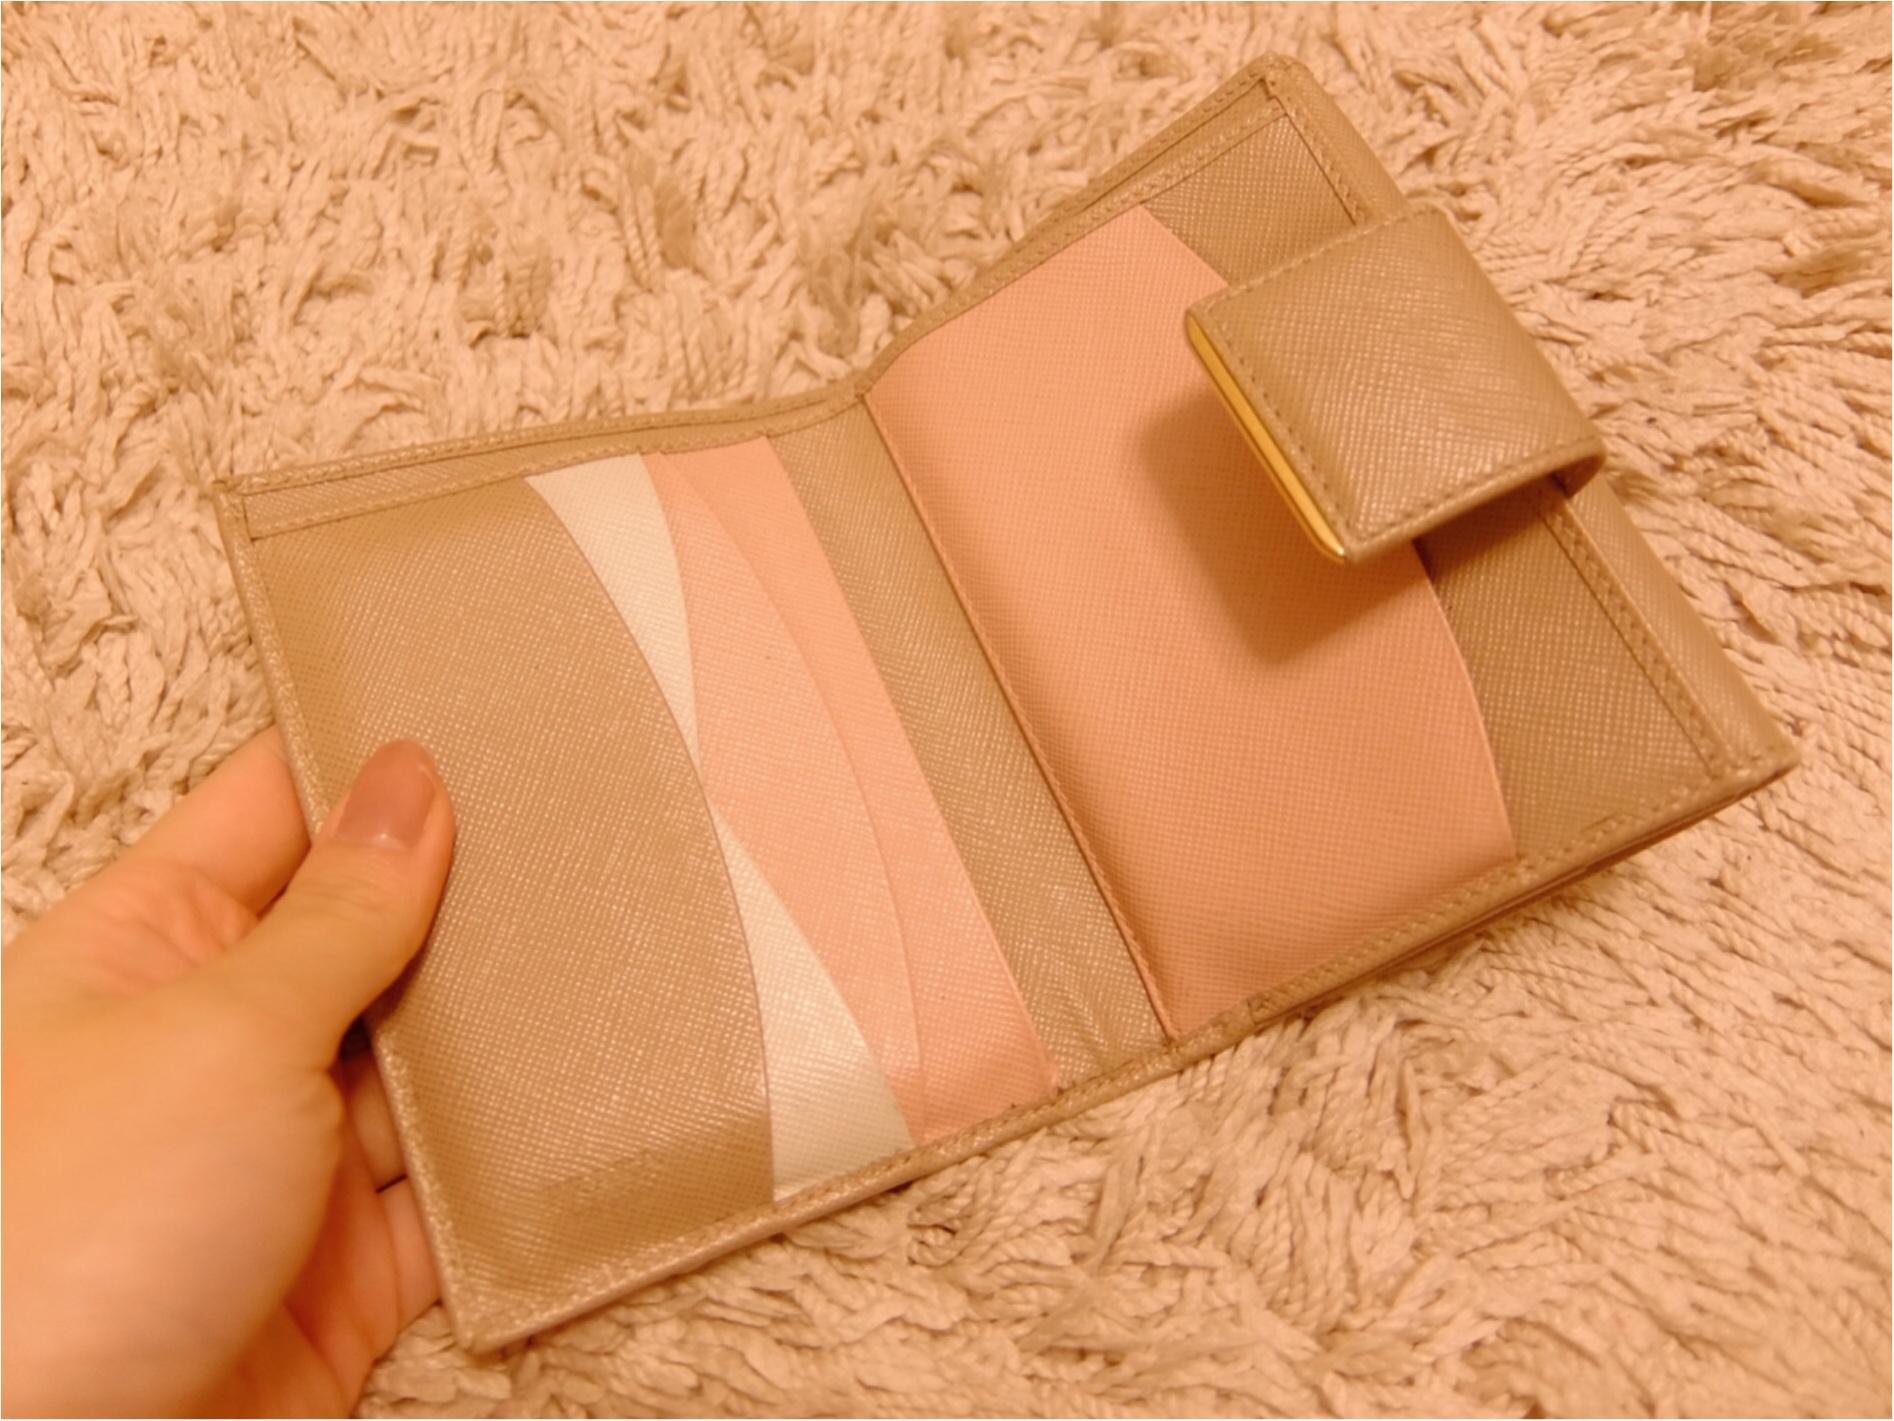 愛用財布は【PRADA】♡二つ折り派さん必見の≪カード収納術≫も紹介!_2